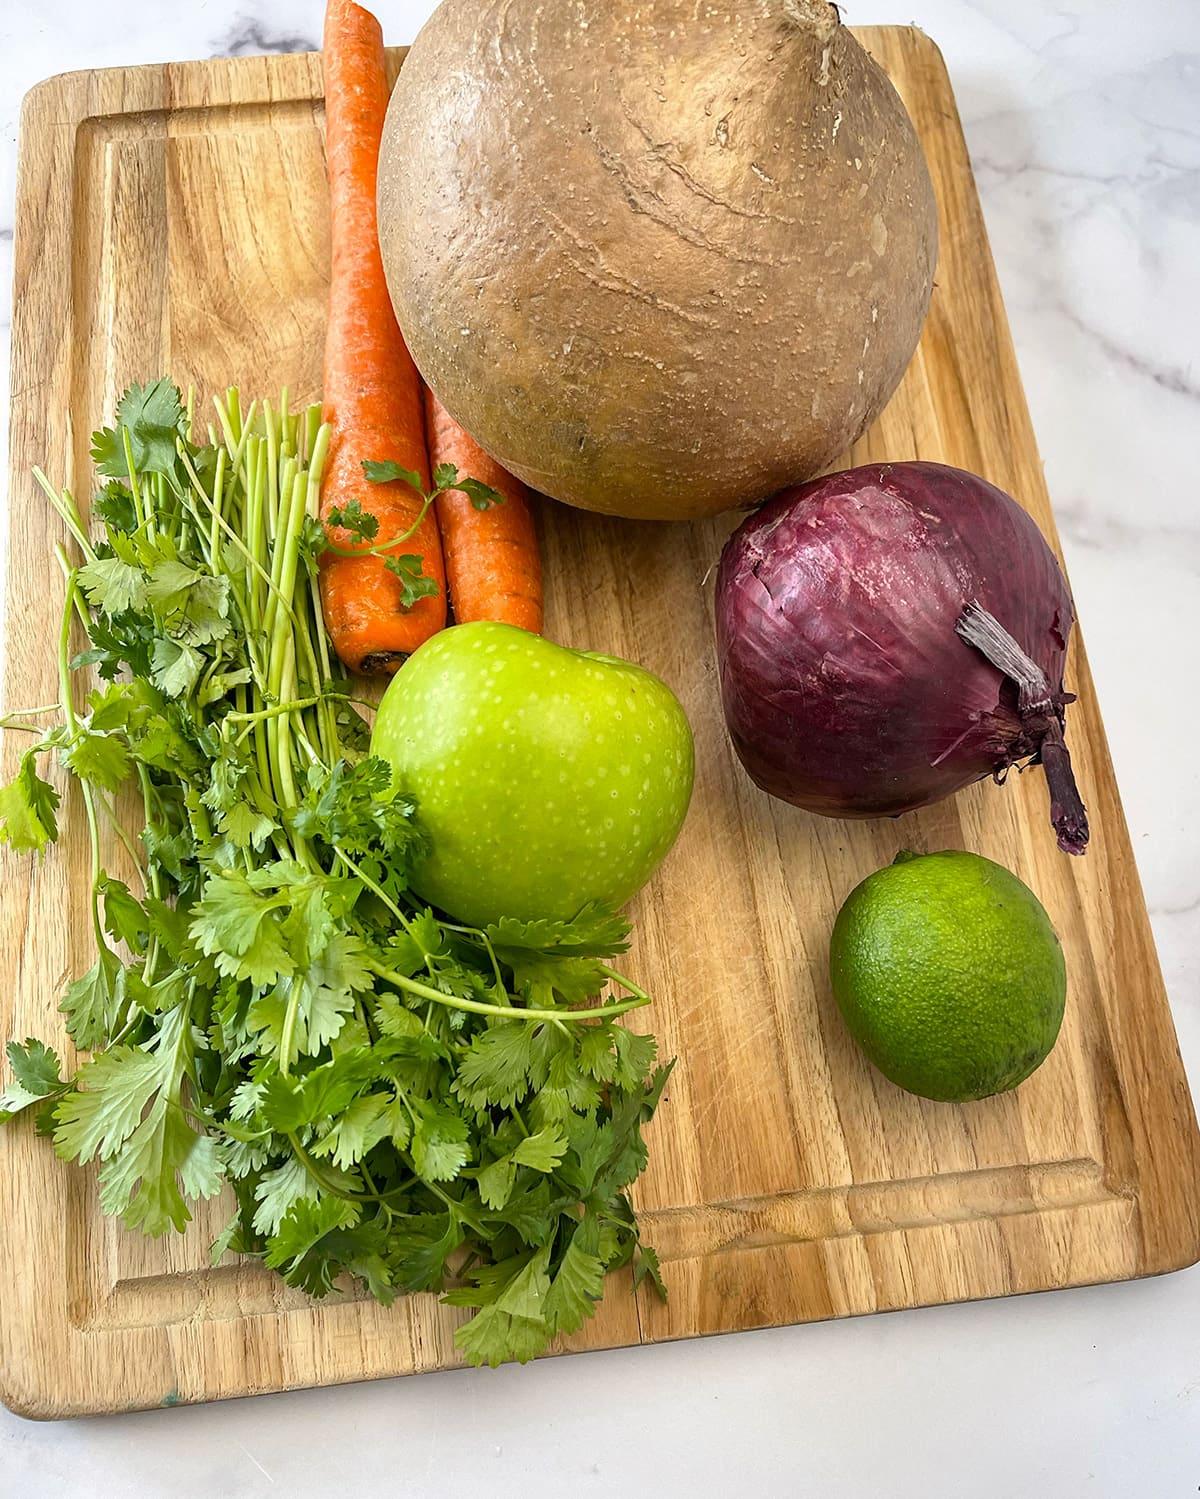 Ingredients for jicama coleslaw